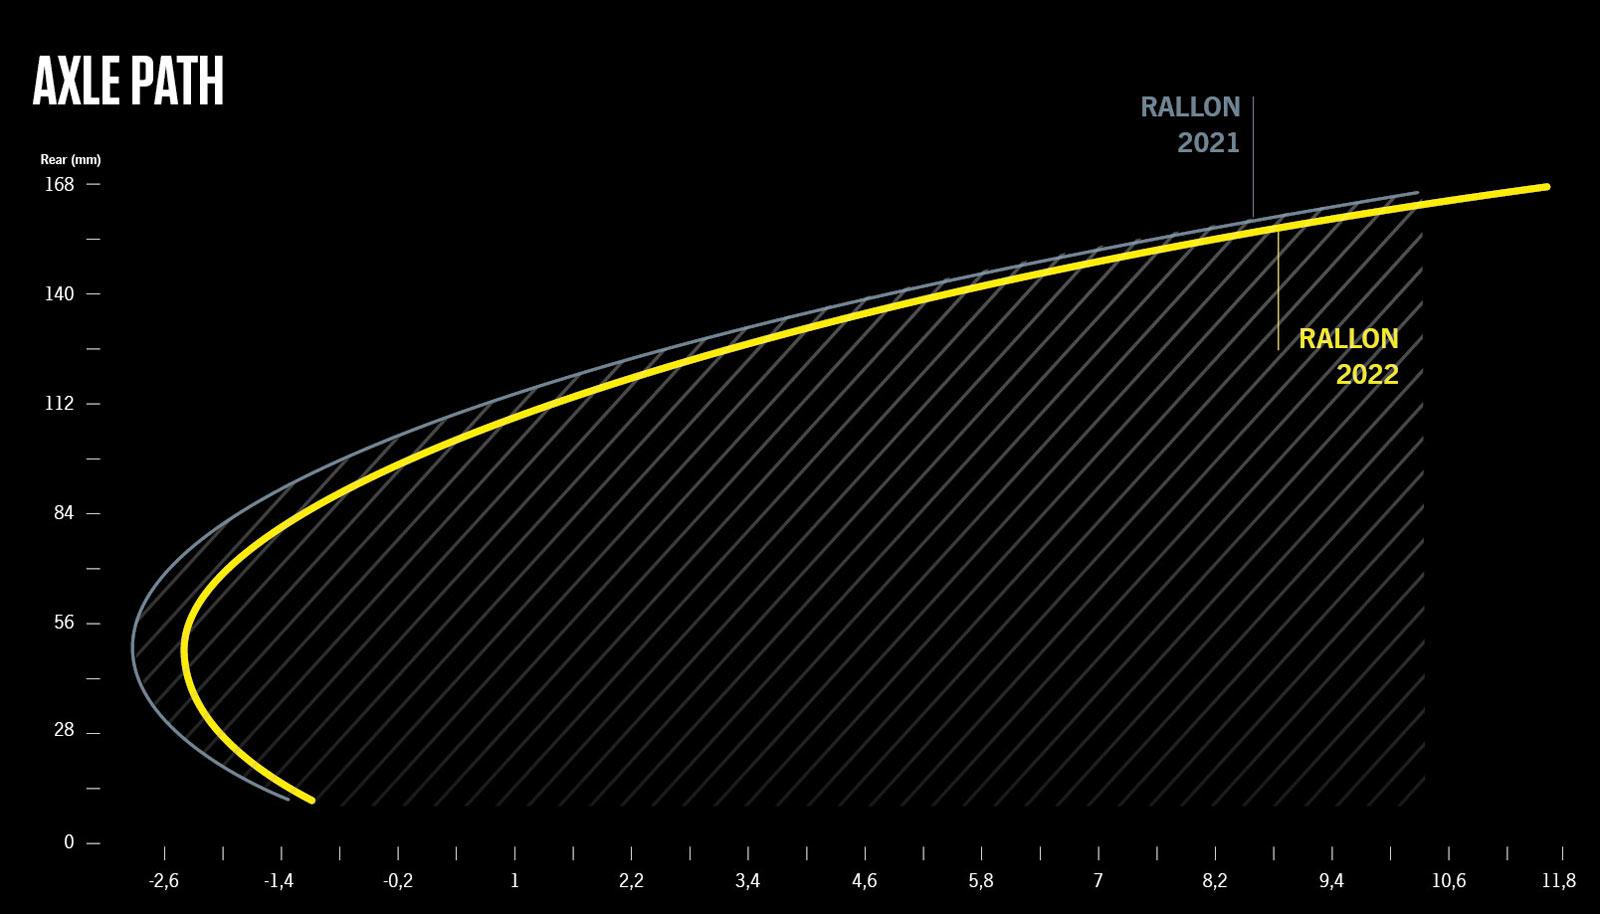 2022 orbea rallon rear axle path